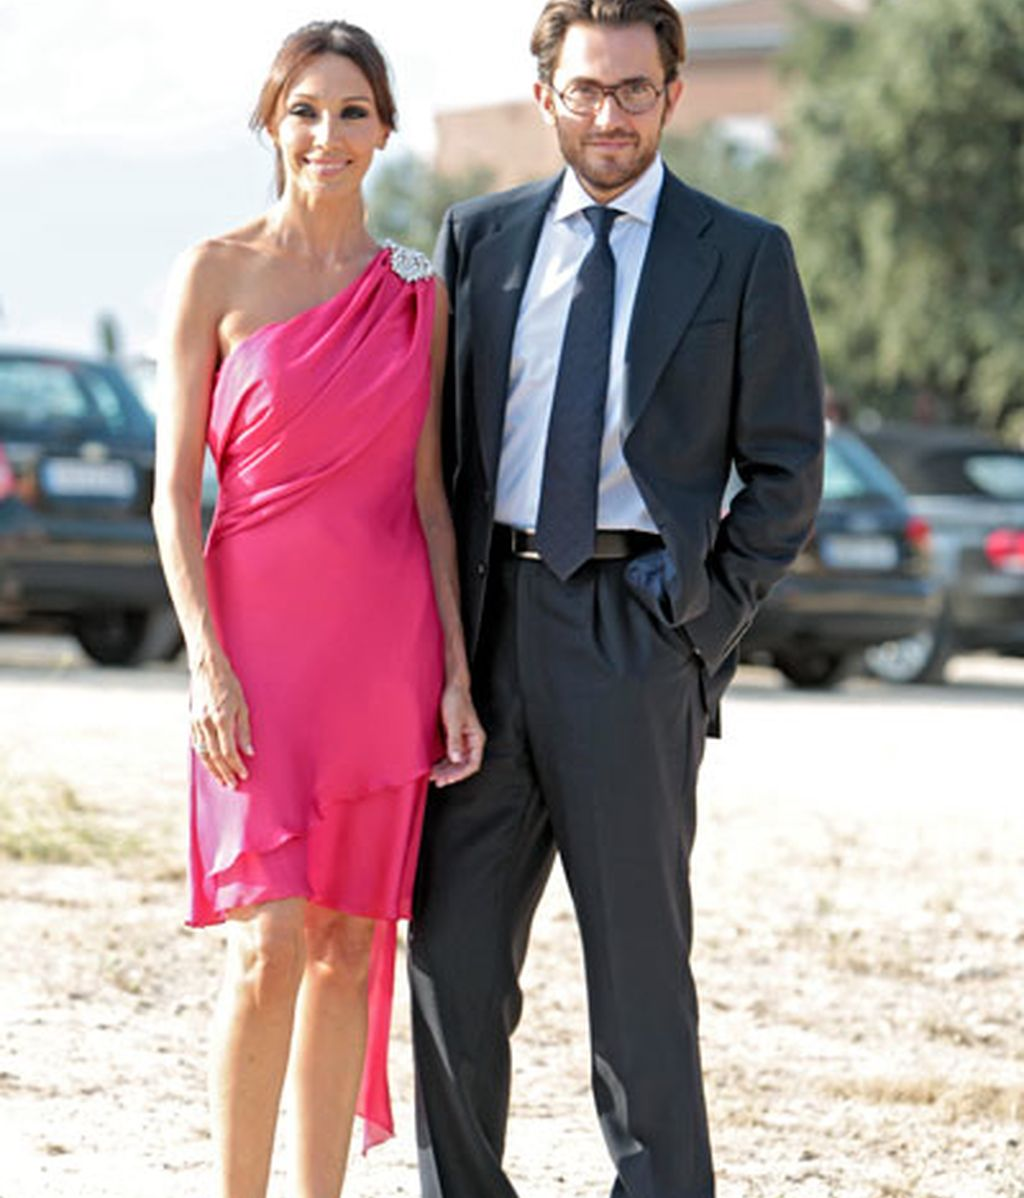 Los detalles que nos han contado de la boda de Christian y Almudena